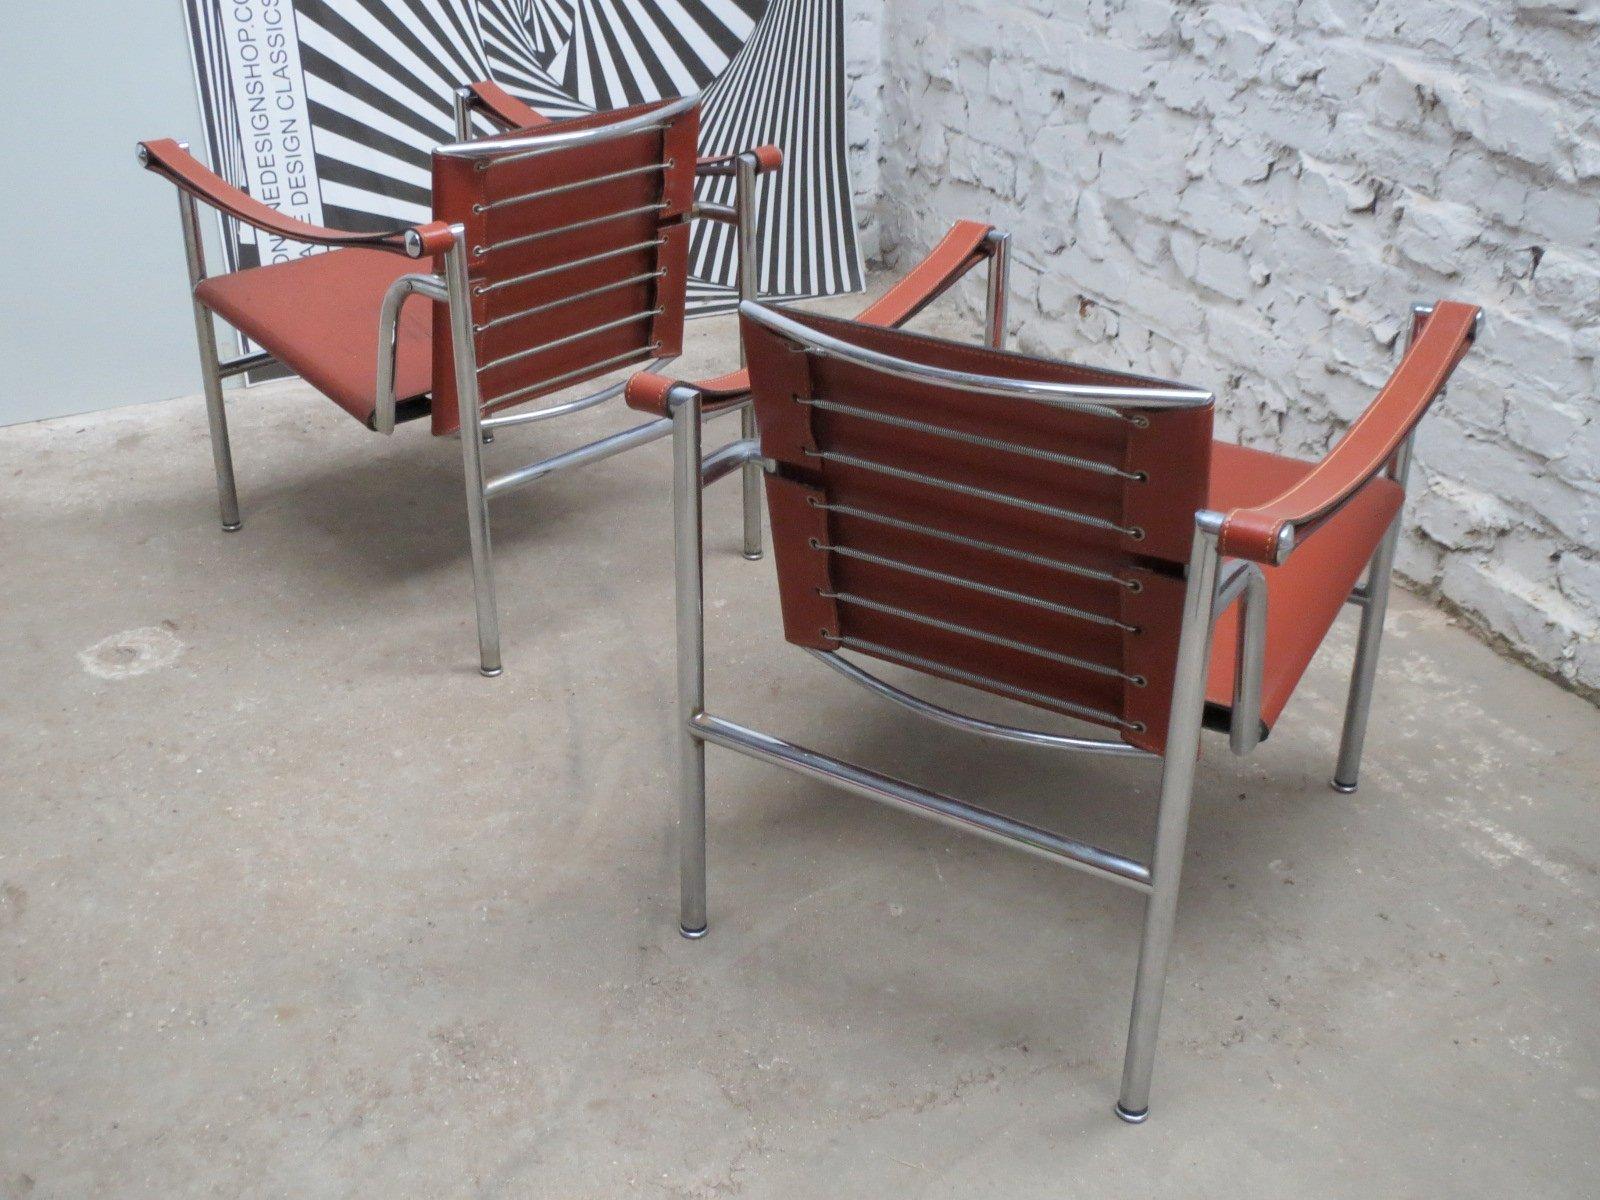 Sedia lc1 modernista basculante di le corbusier pierre - Sedia le corbusier prezzo ...